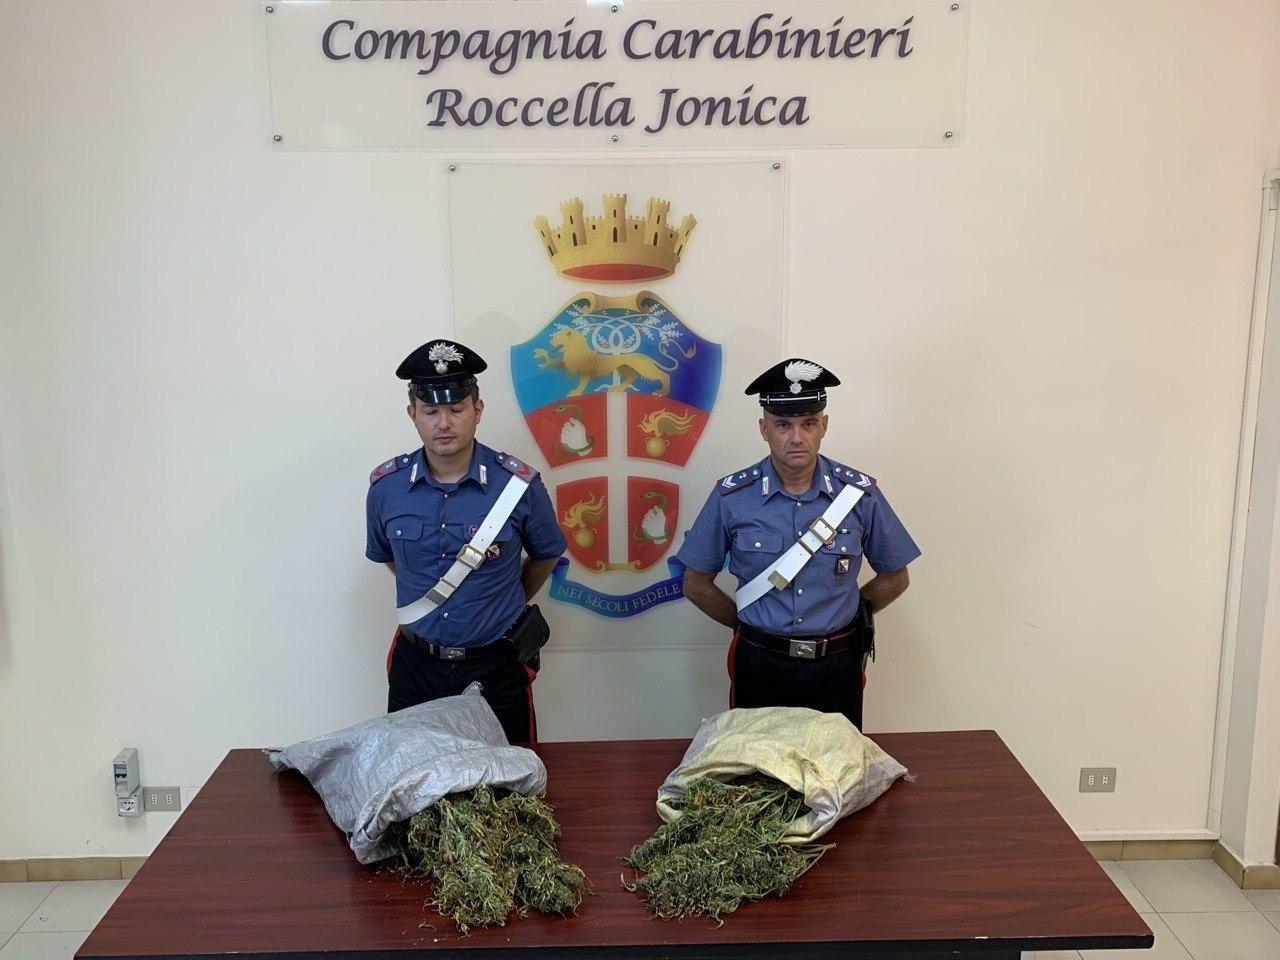 Più di 4 chili di mariujuana, 2 arresti a Gioiosa Jonica